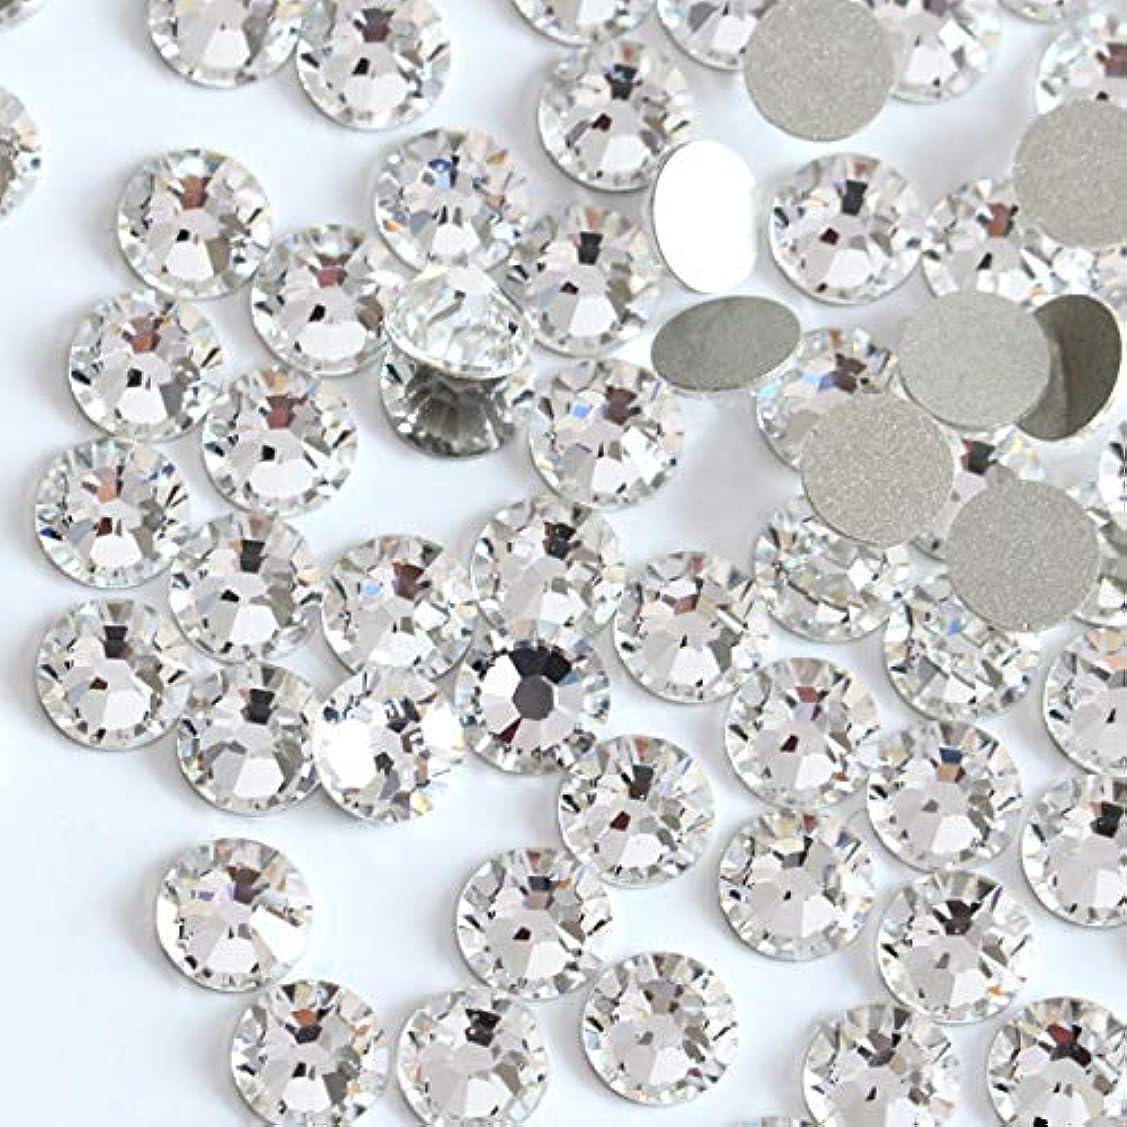 マウス近く破滅【ラインストーン77】高品質ガラス製ラインストーン クリスタル SS34(7.1mm)約280粒